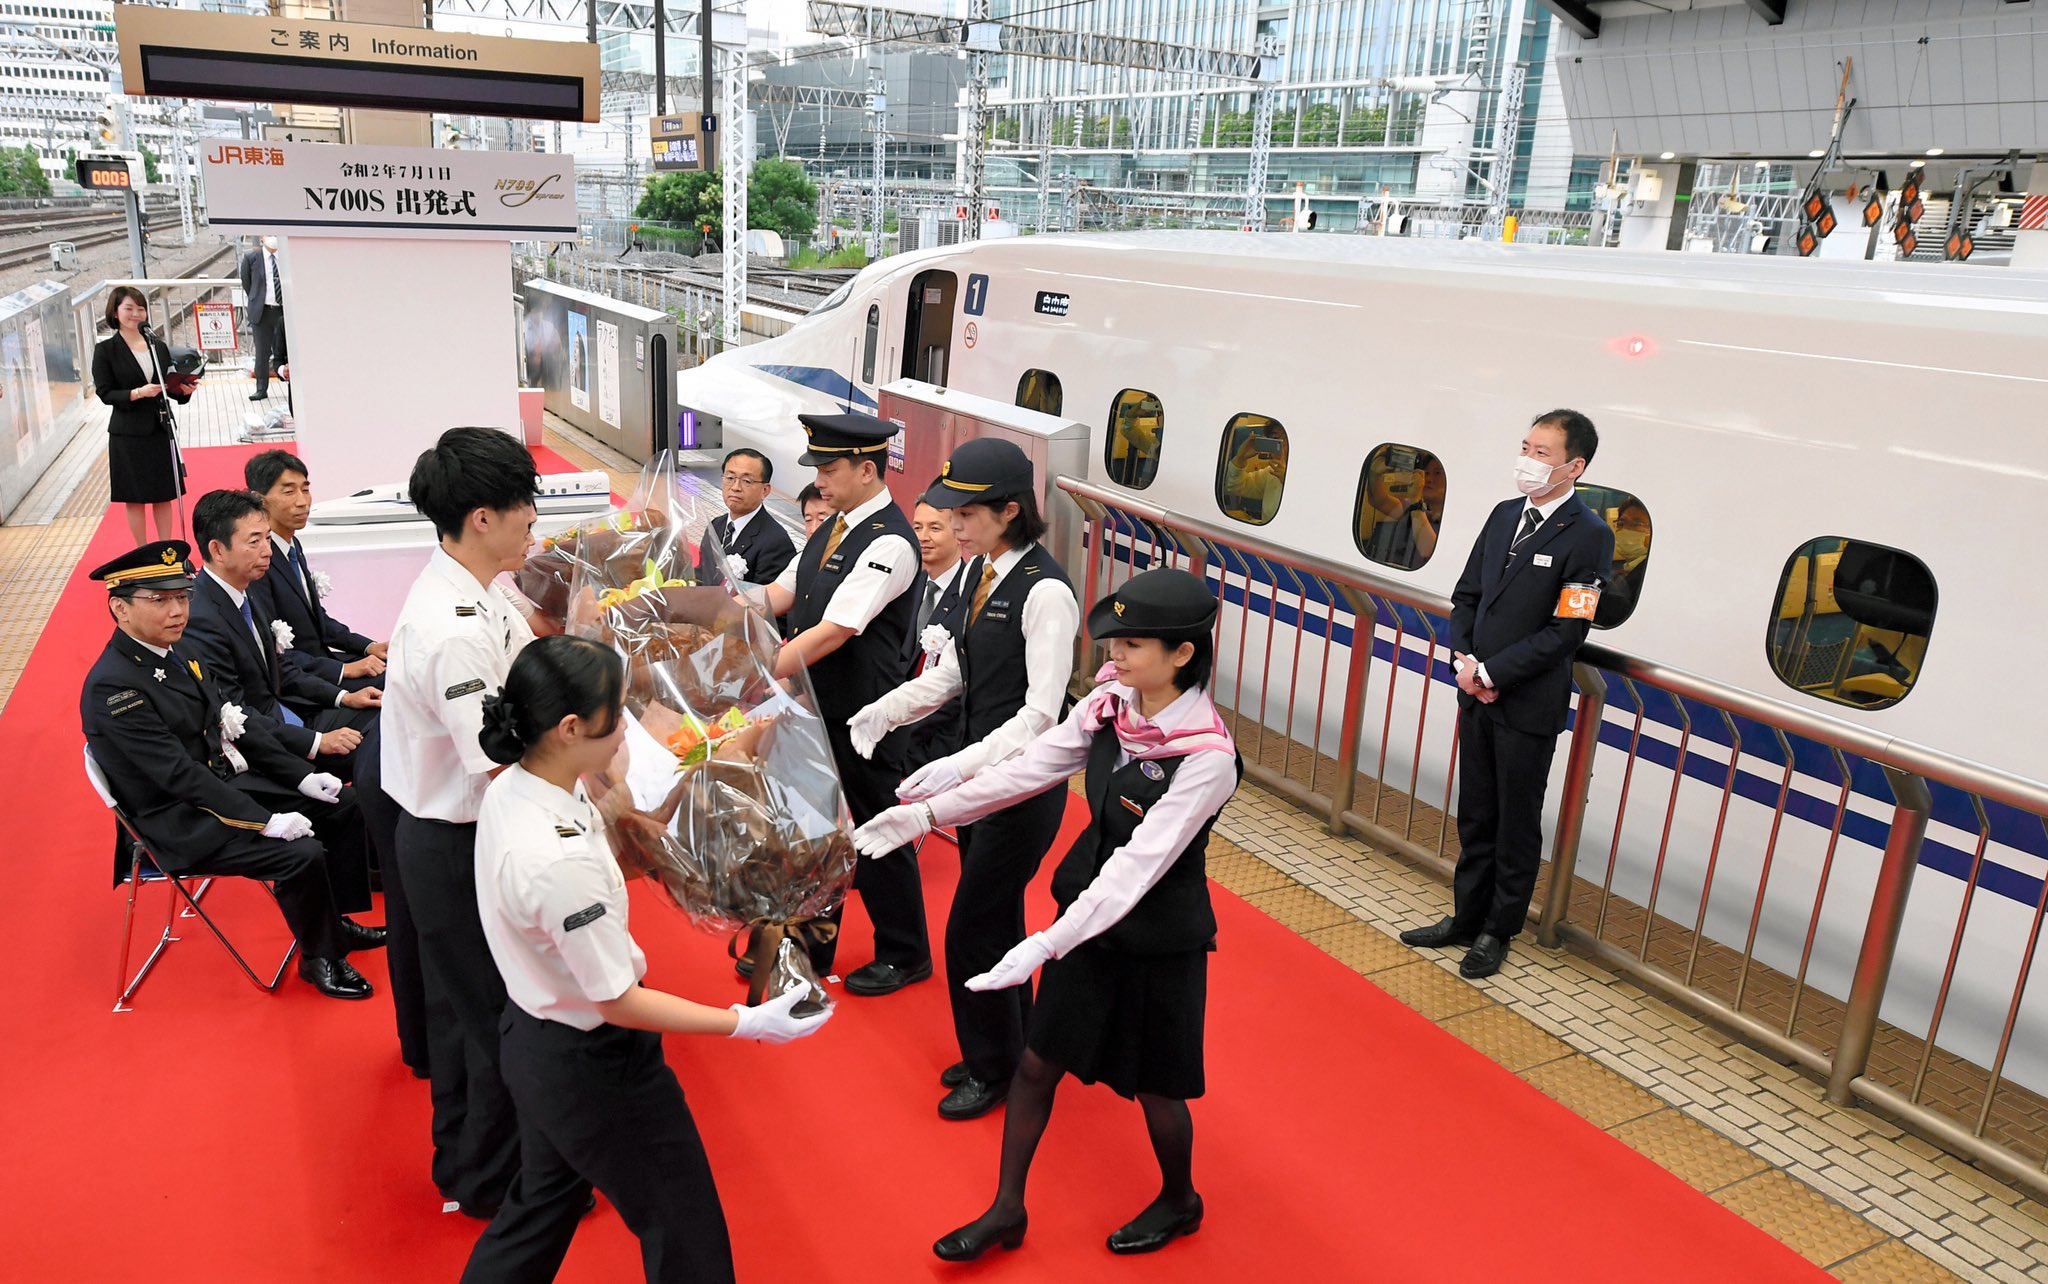 Eb6 1 SVAAEhS0b?format=jpg&name=large - Shinkansen's new N700S begins service!